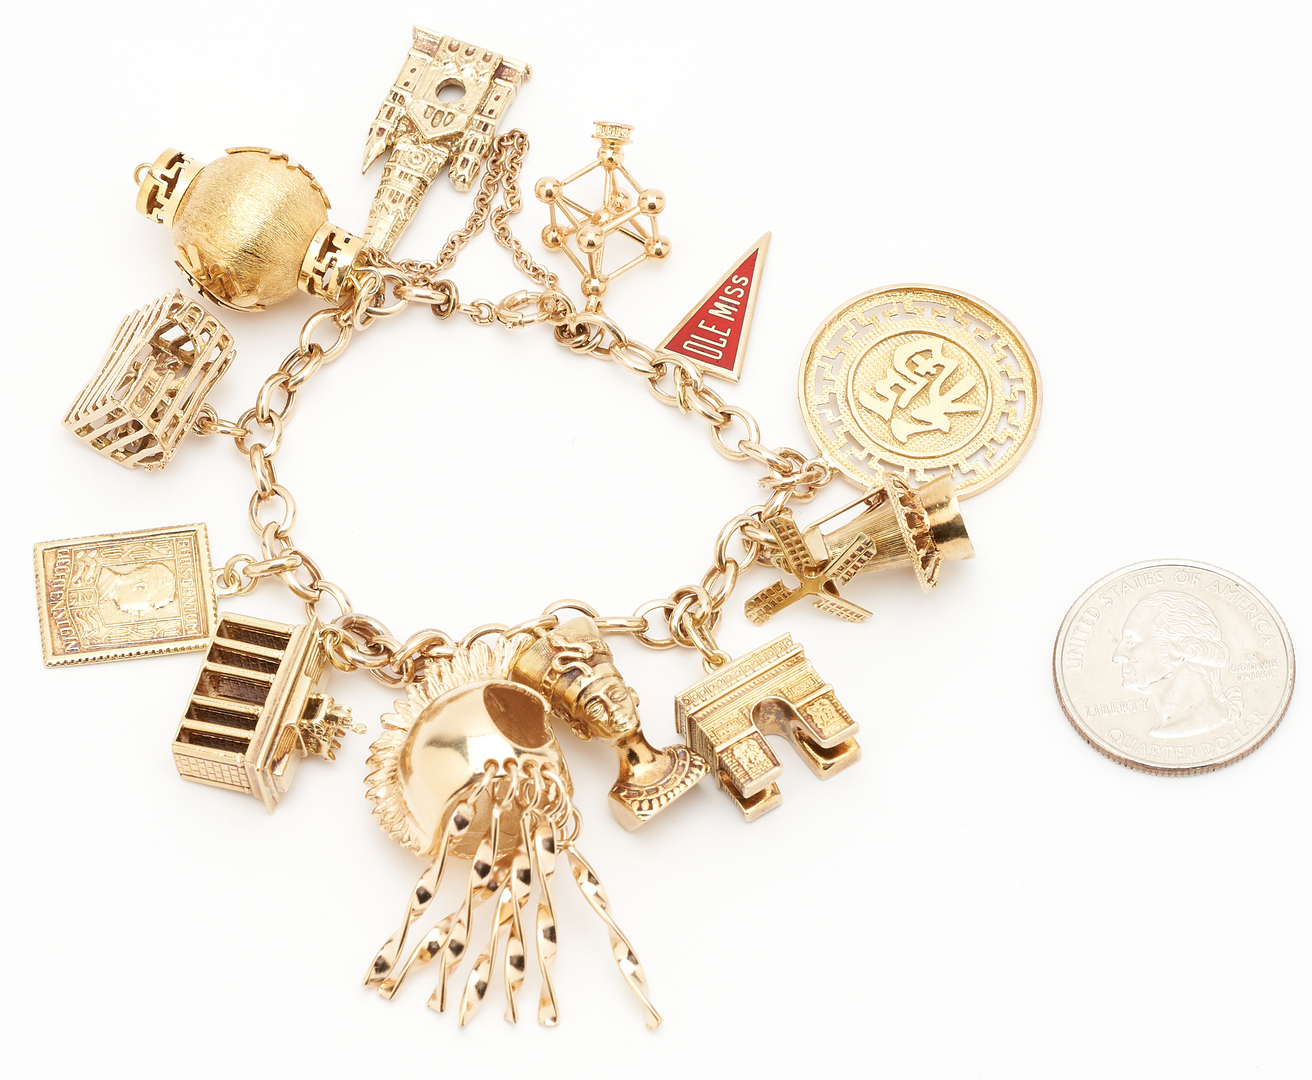 Lot 48: 14K Charm Bracelet, 12 Charms